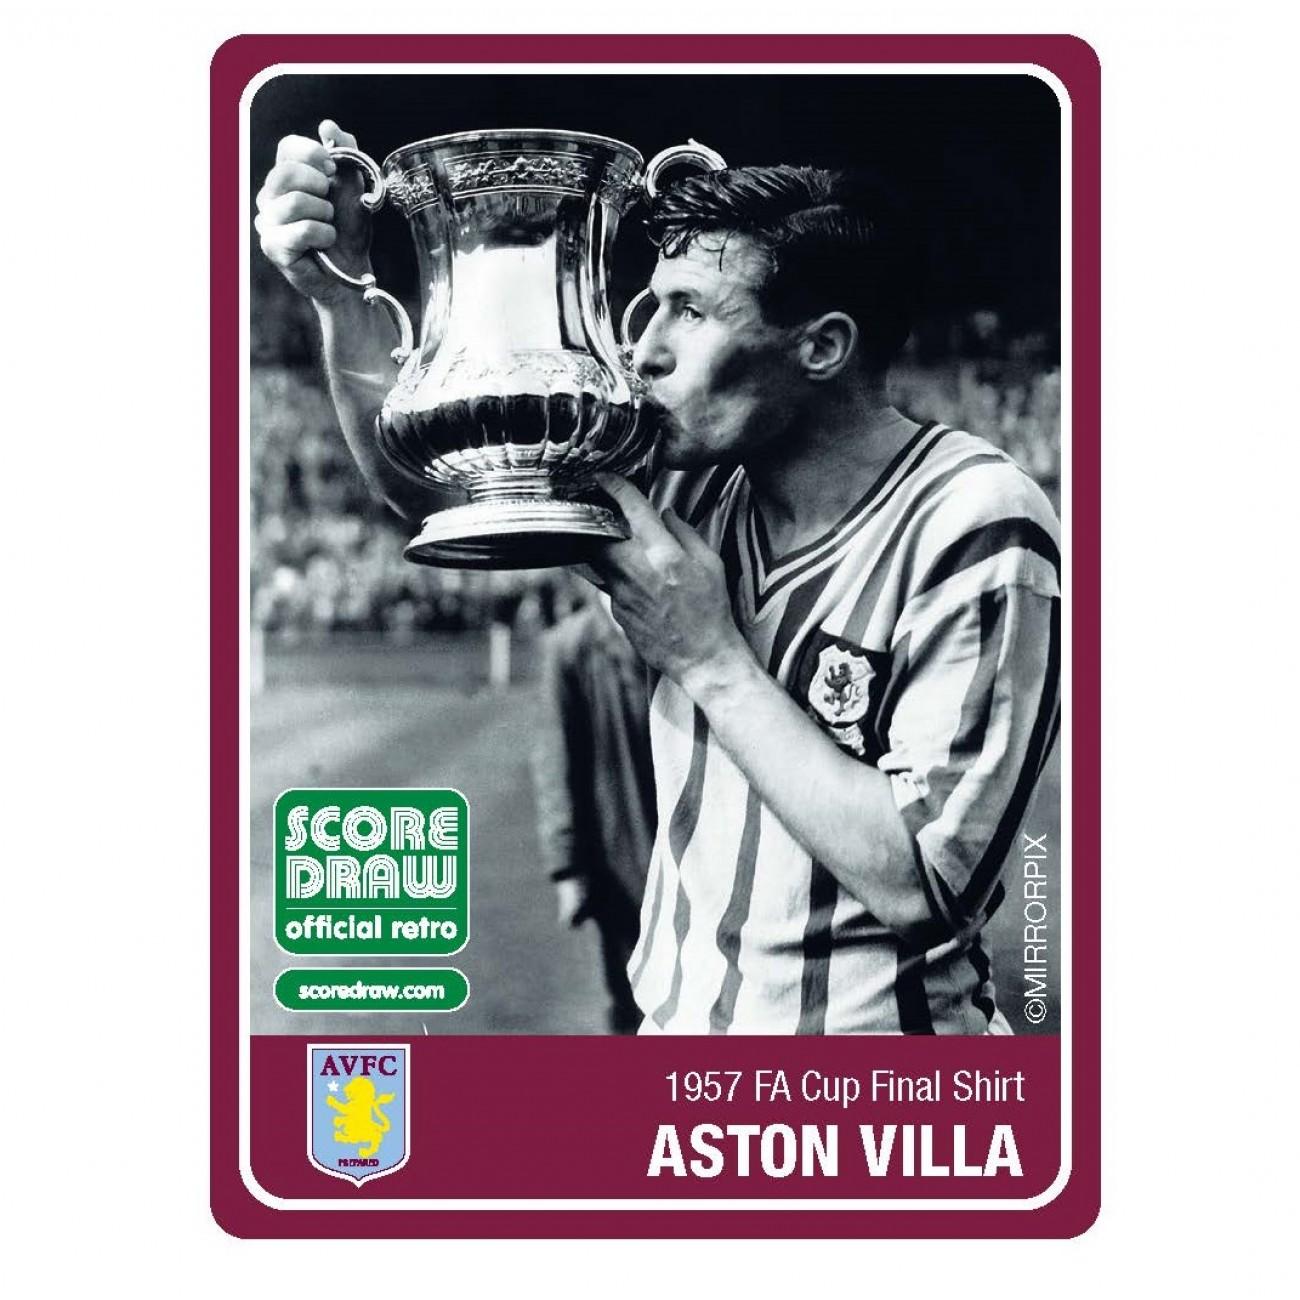 239580a1f Aston Villa Retro Shirt 1957. Reference  VILLA57AFACFSS  Brand  Score Draw  ...